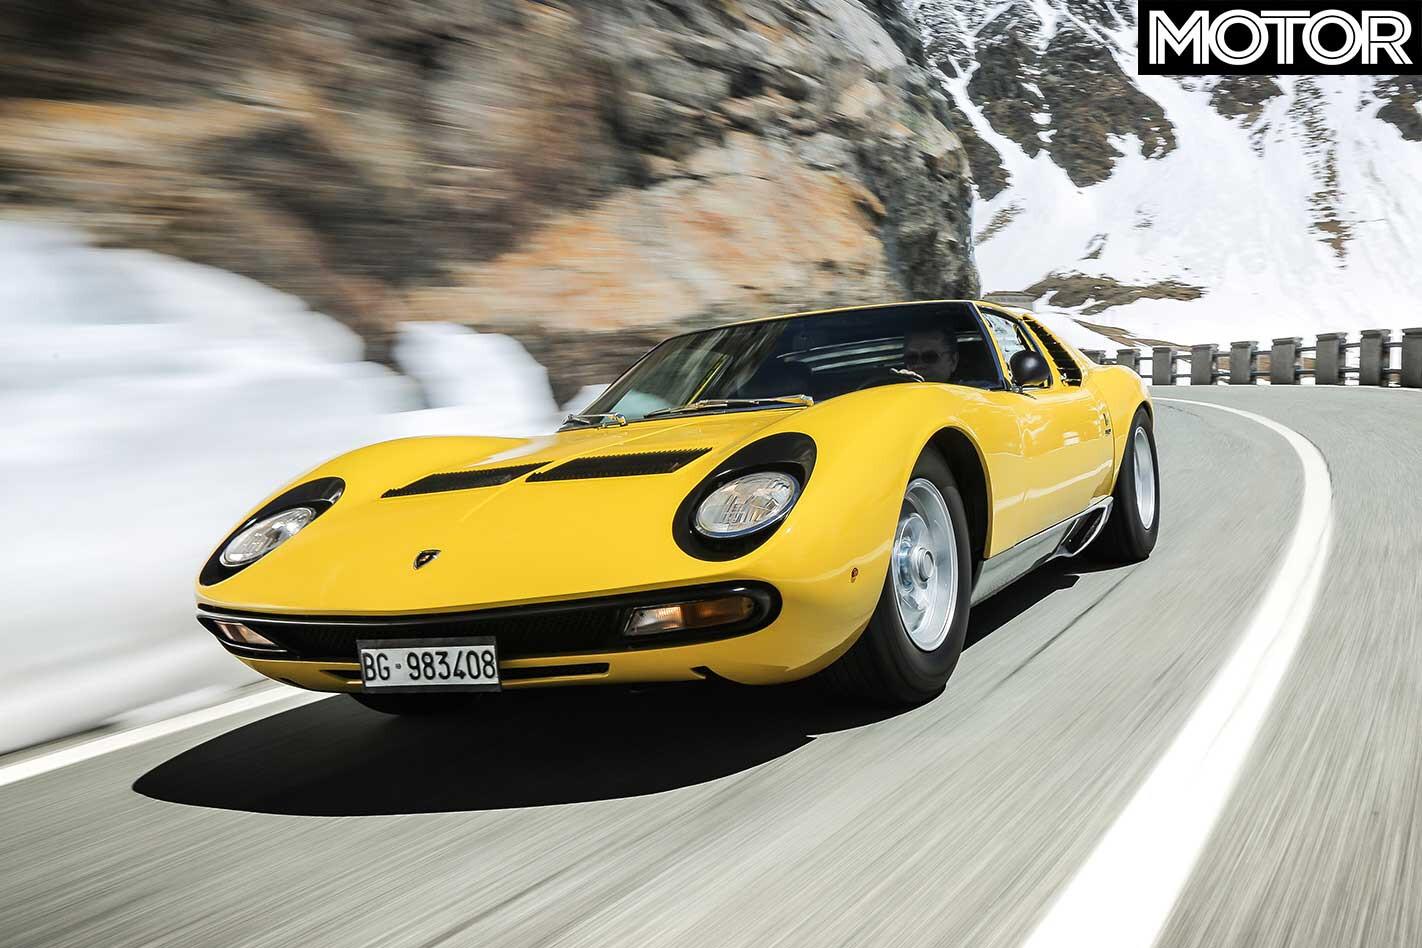 1971 Lamborghini Miura SV Front Drive Jpg